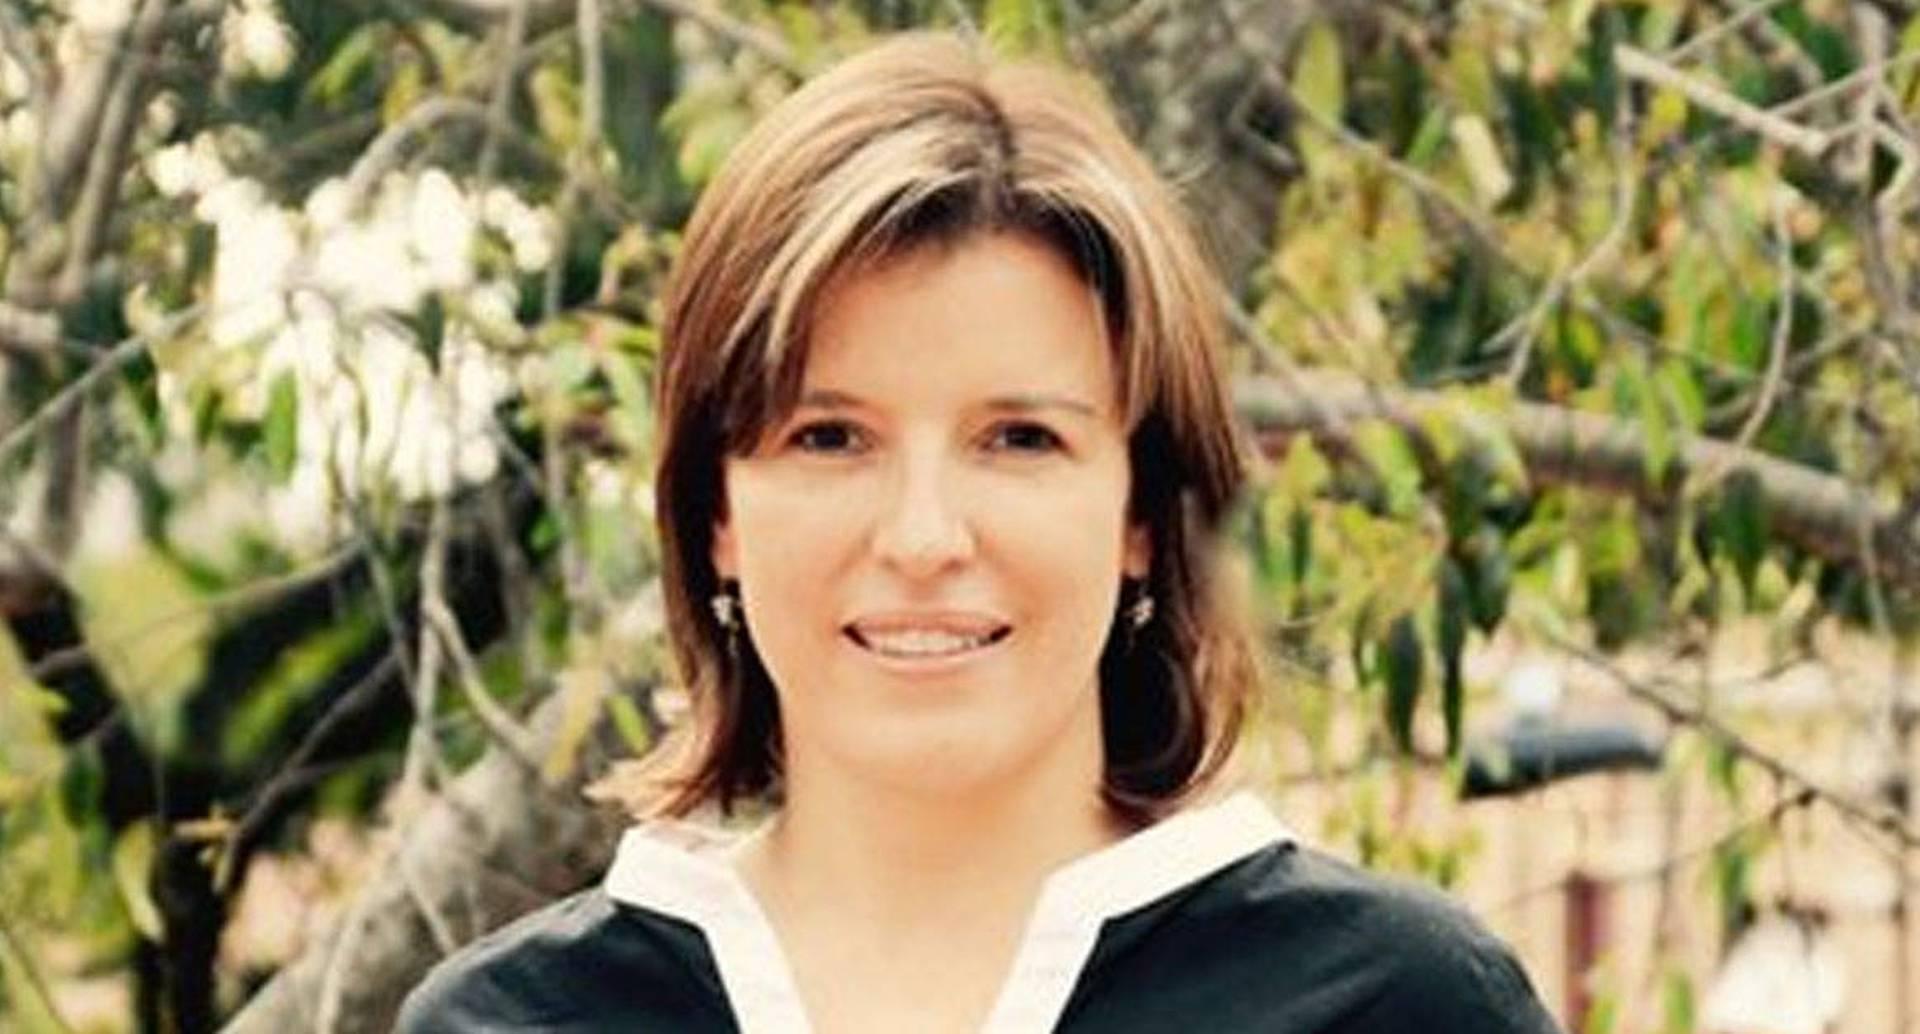 Semana habló con la politóloga Sandra Borda sobre el decreto del presidente que permite la incautación de cualquier tipo de droga.